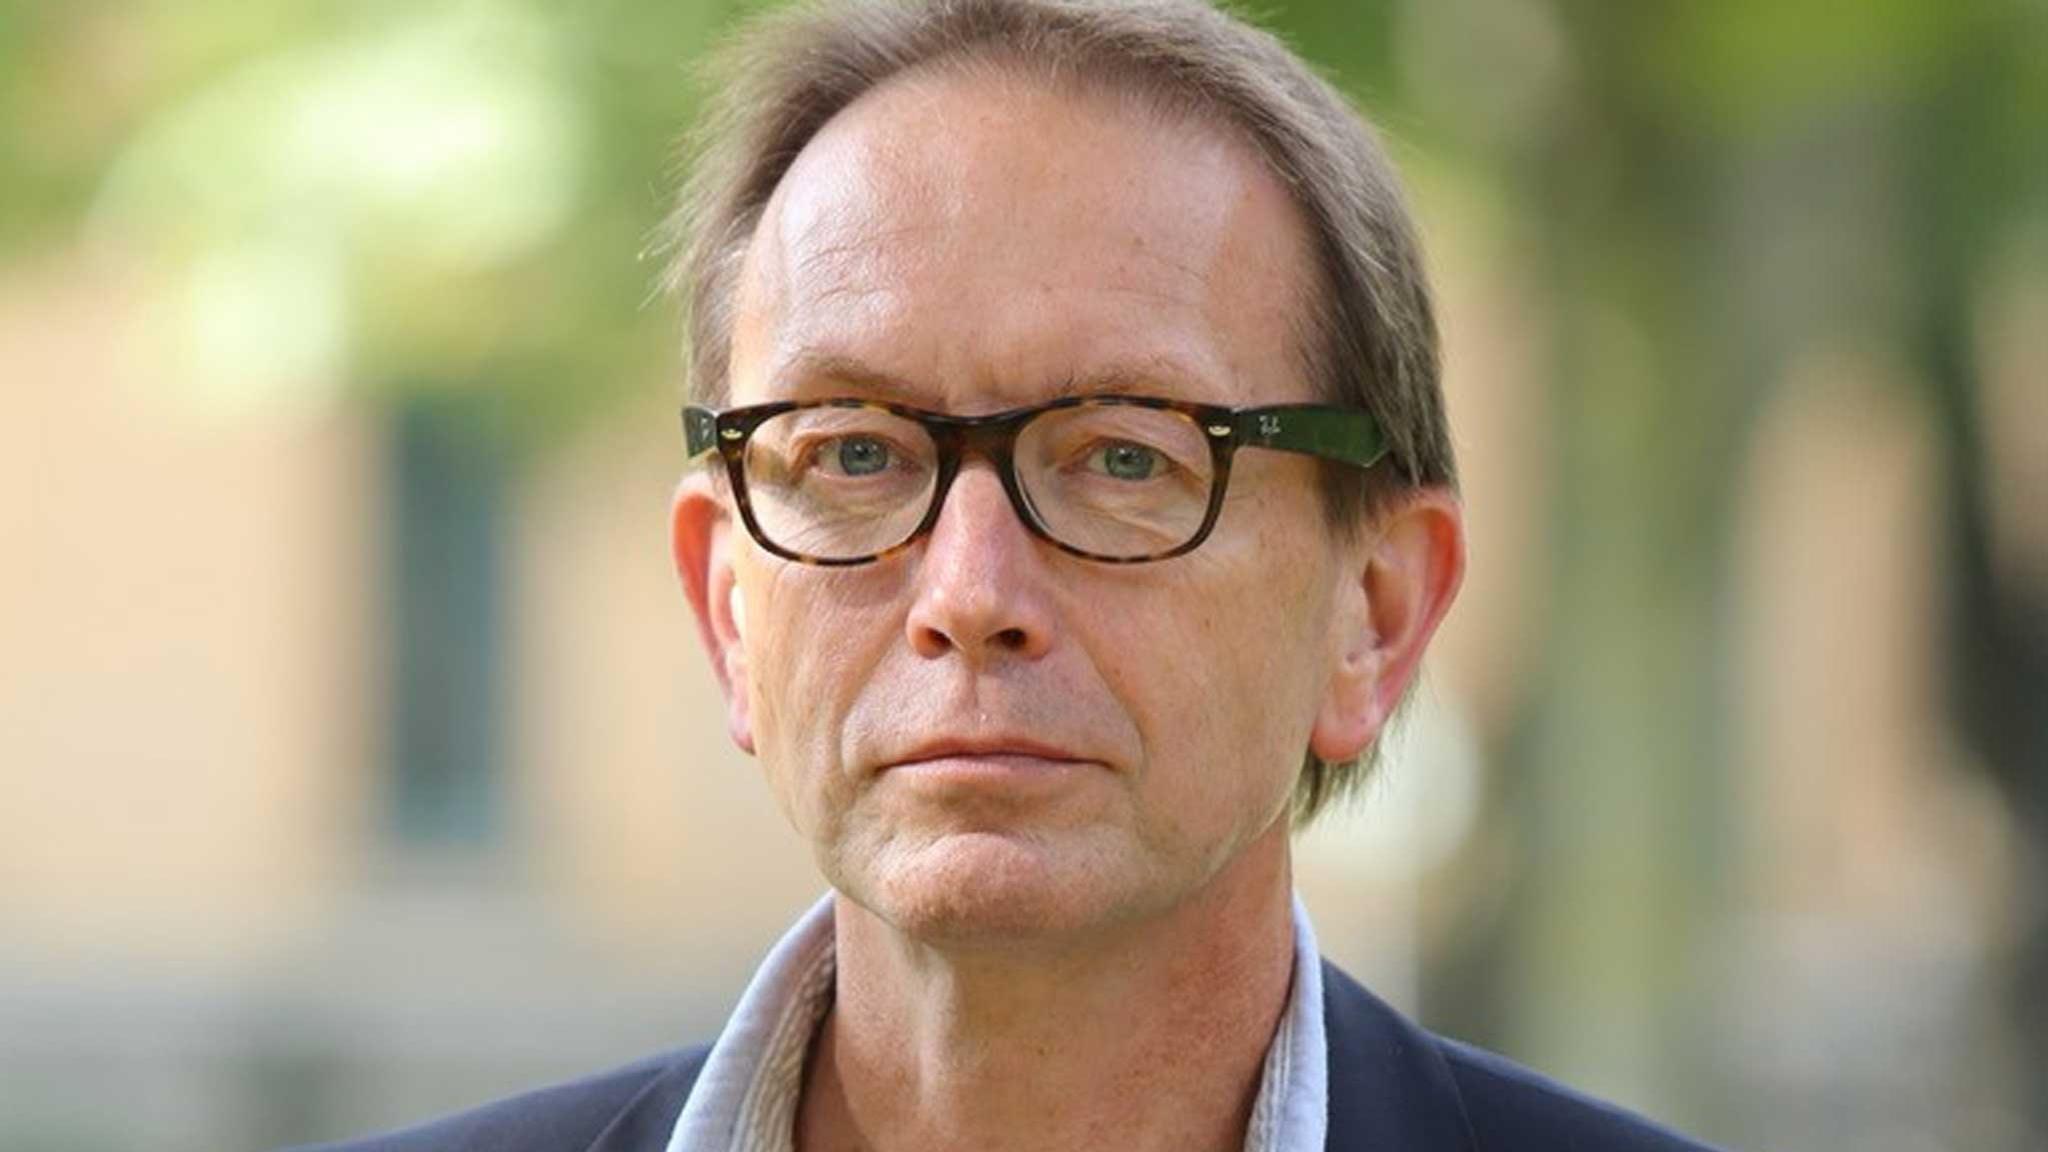 Tomas Brytting - Hur har året varit?